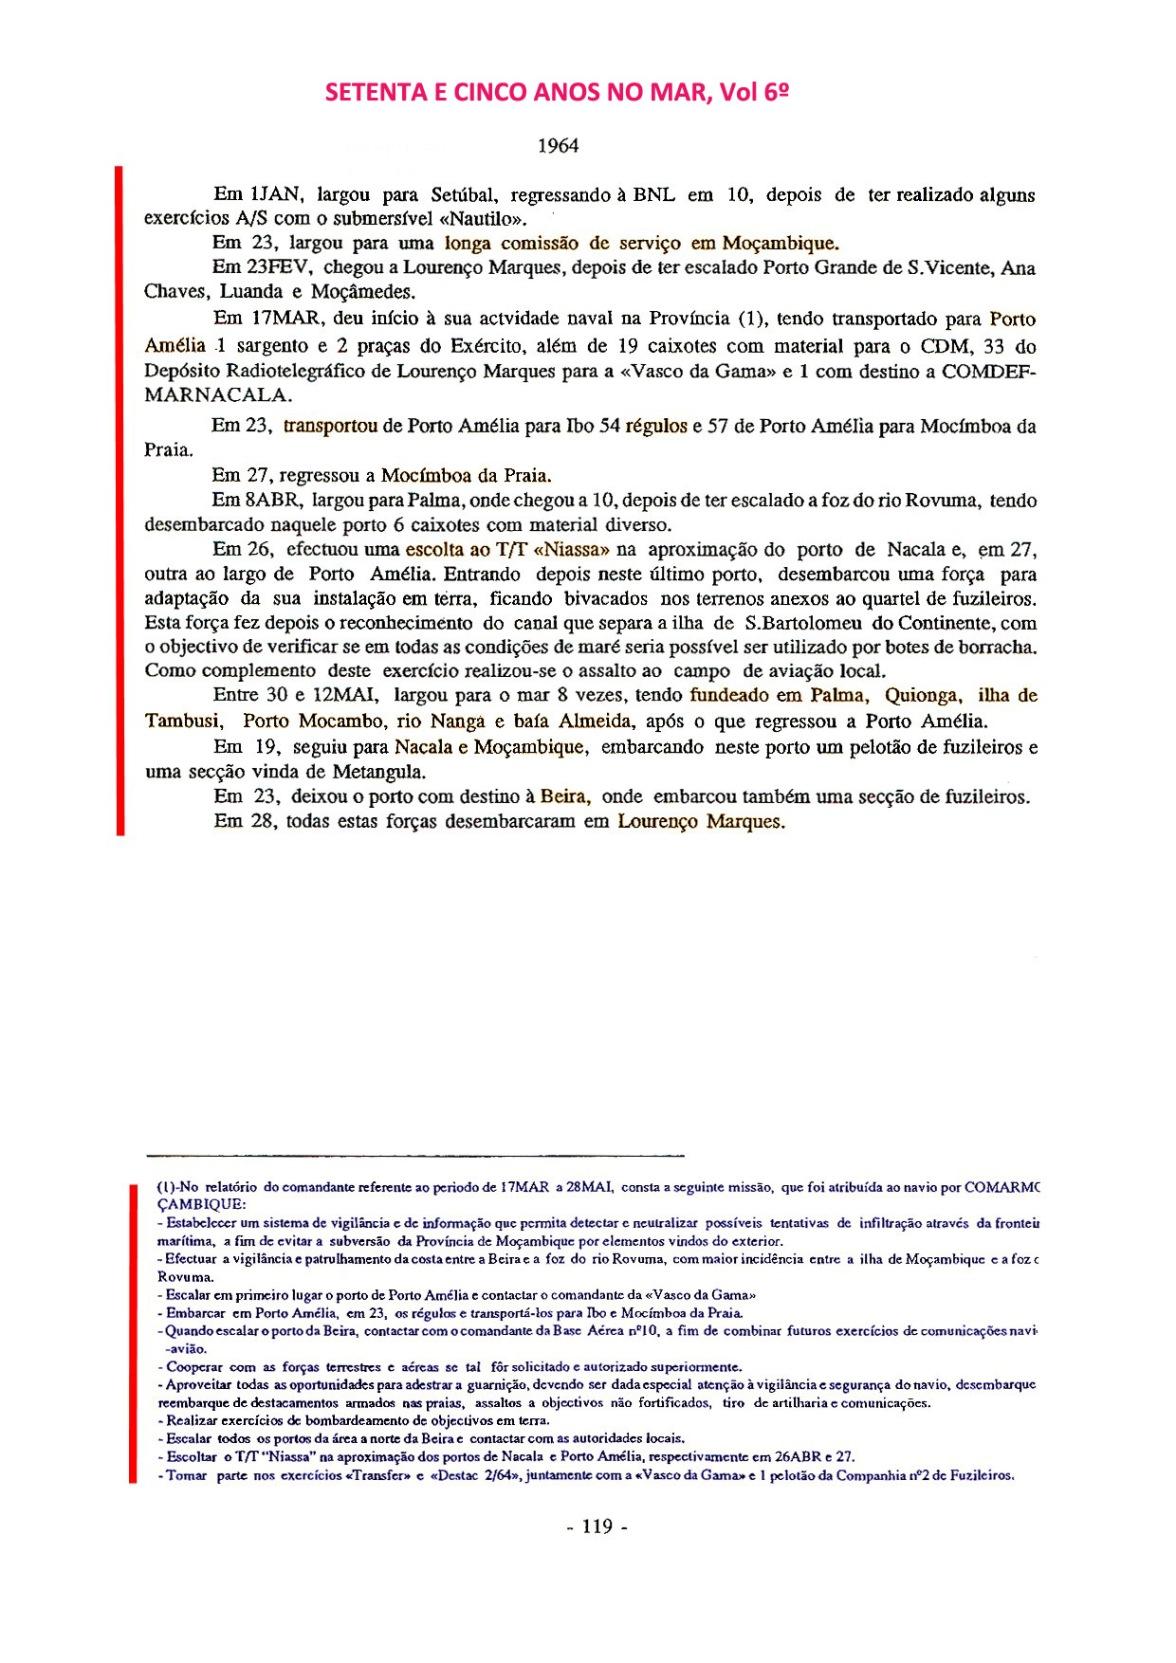 00427 Comissão em Angola e Moçambique como Imediato da FF Pacheco Pereira-Setenta e Cinco Anos no Mar, Vol 6º